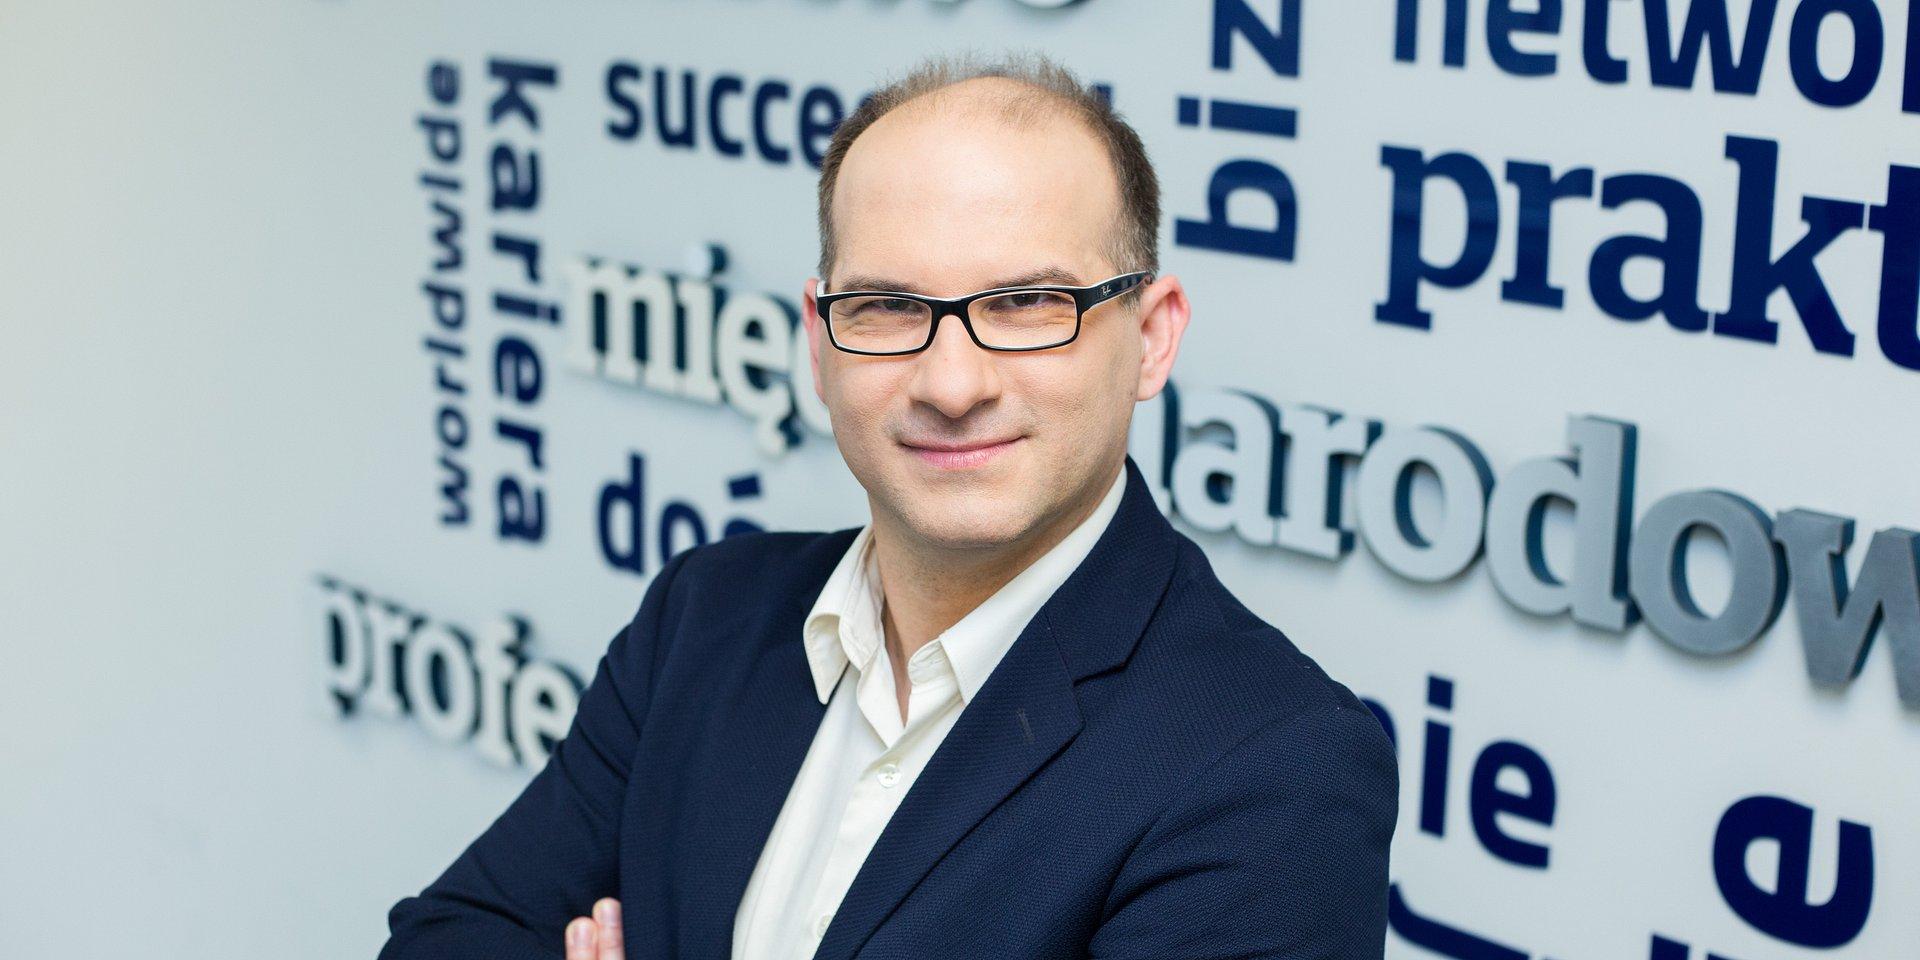 doradztwo organizacyjne, HR: Grzegorz Rippel